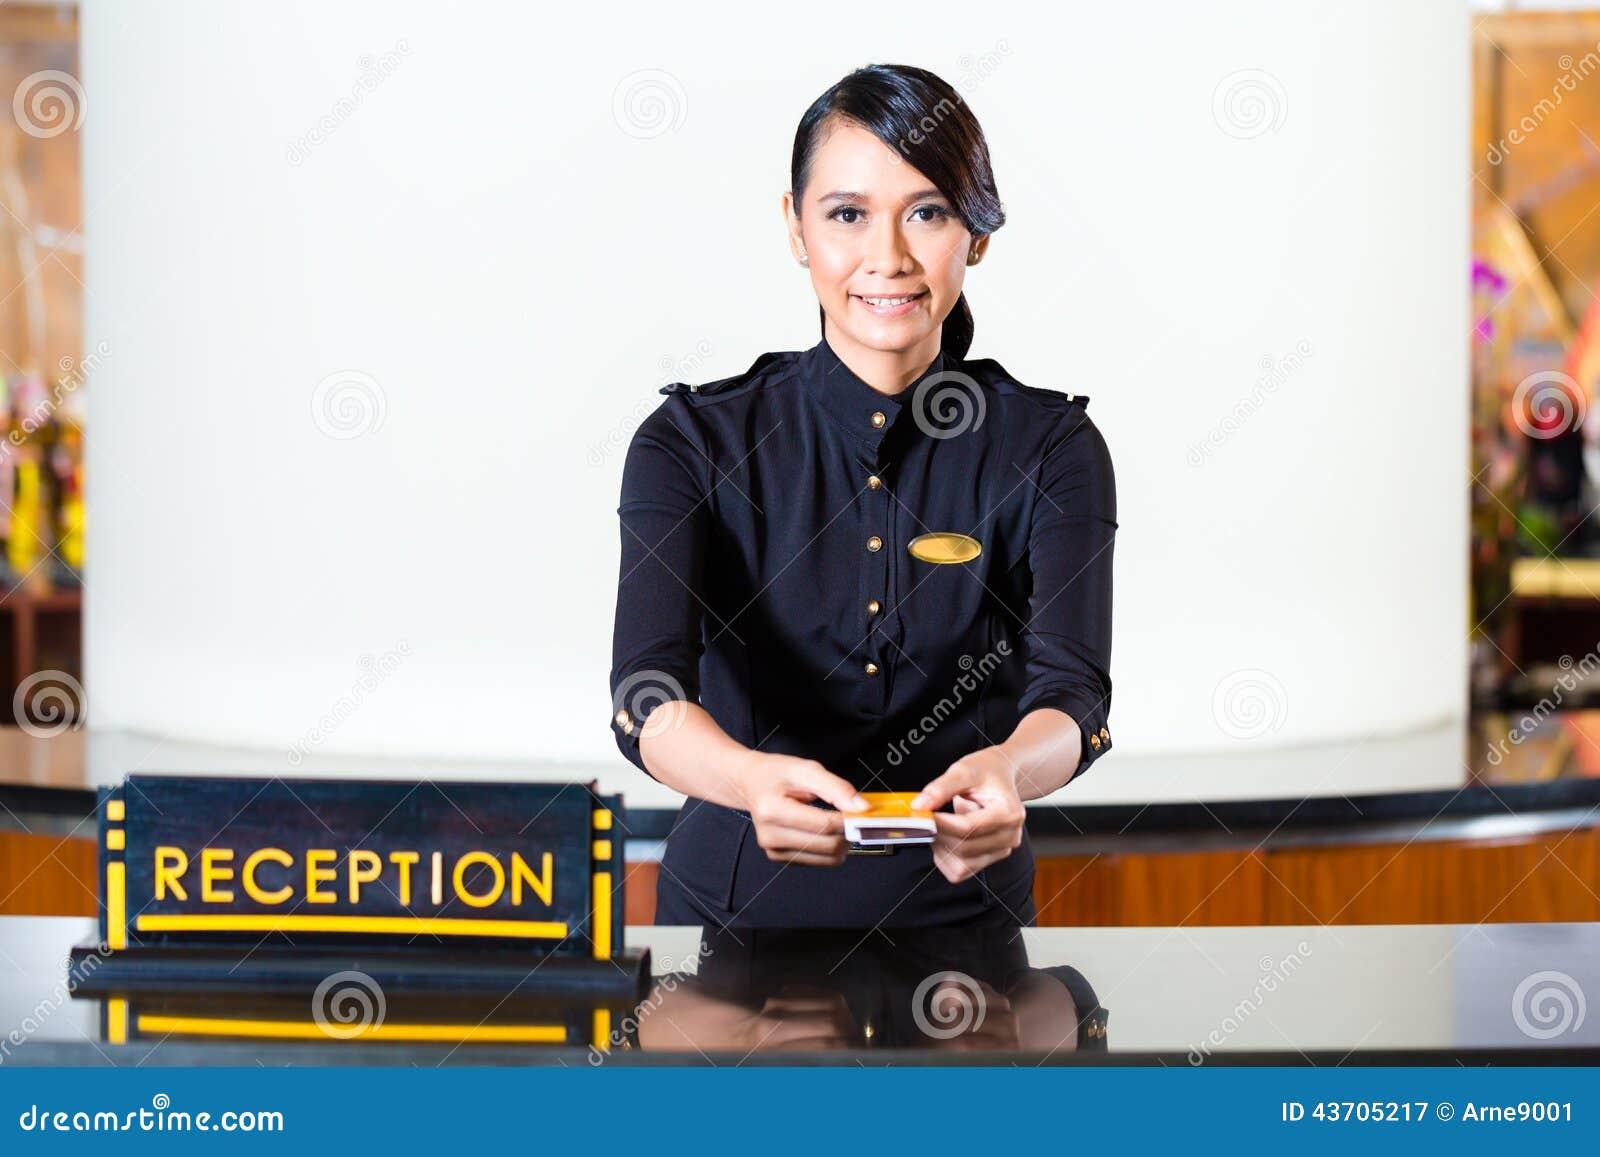 Jakarta Stock Photo Image 43705217